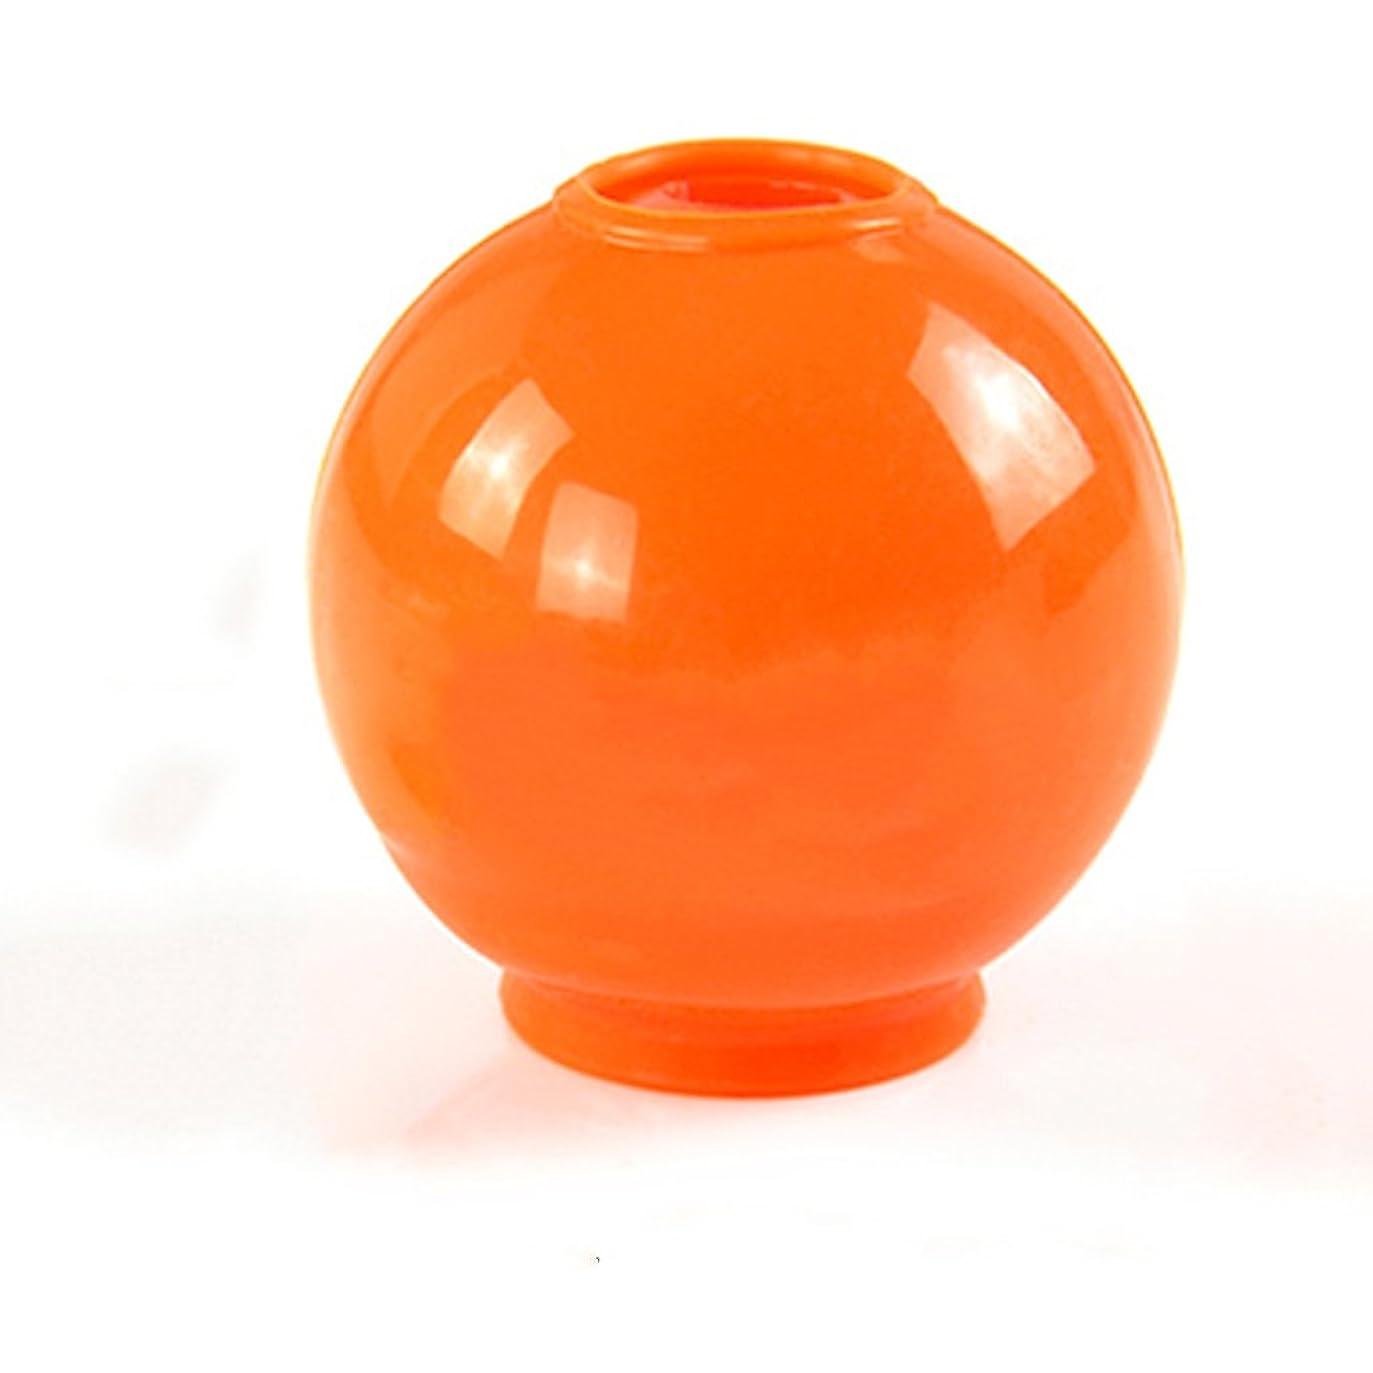 扇動する令状ラップトップペットの犬のおもちゃペットのアイスホッケーは中空の弾み球を冷凍夏の氷の犬のおもちゃ